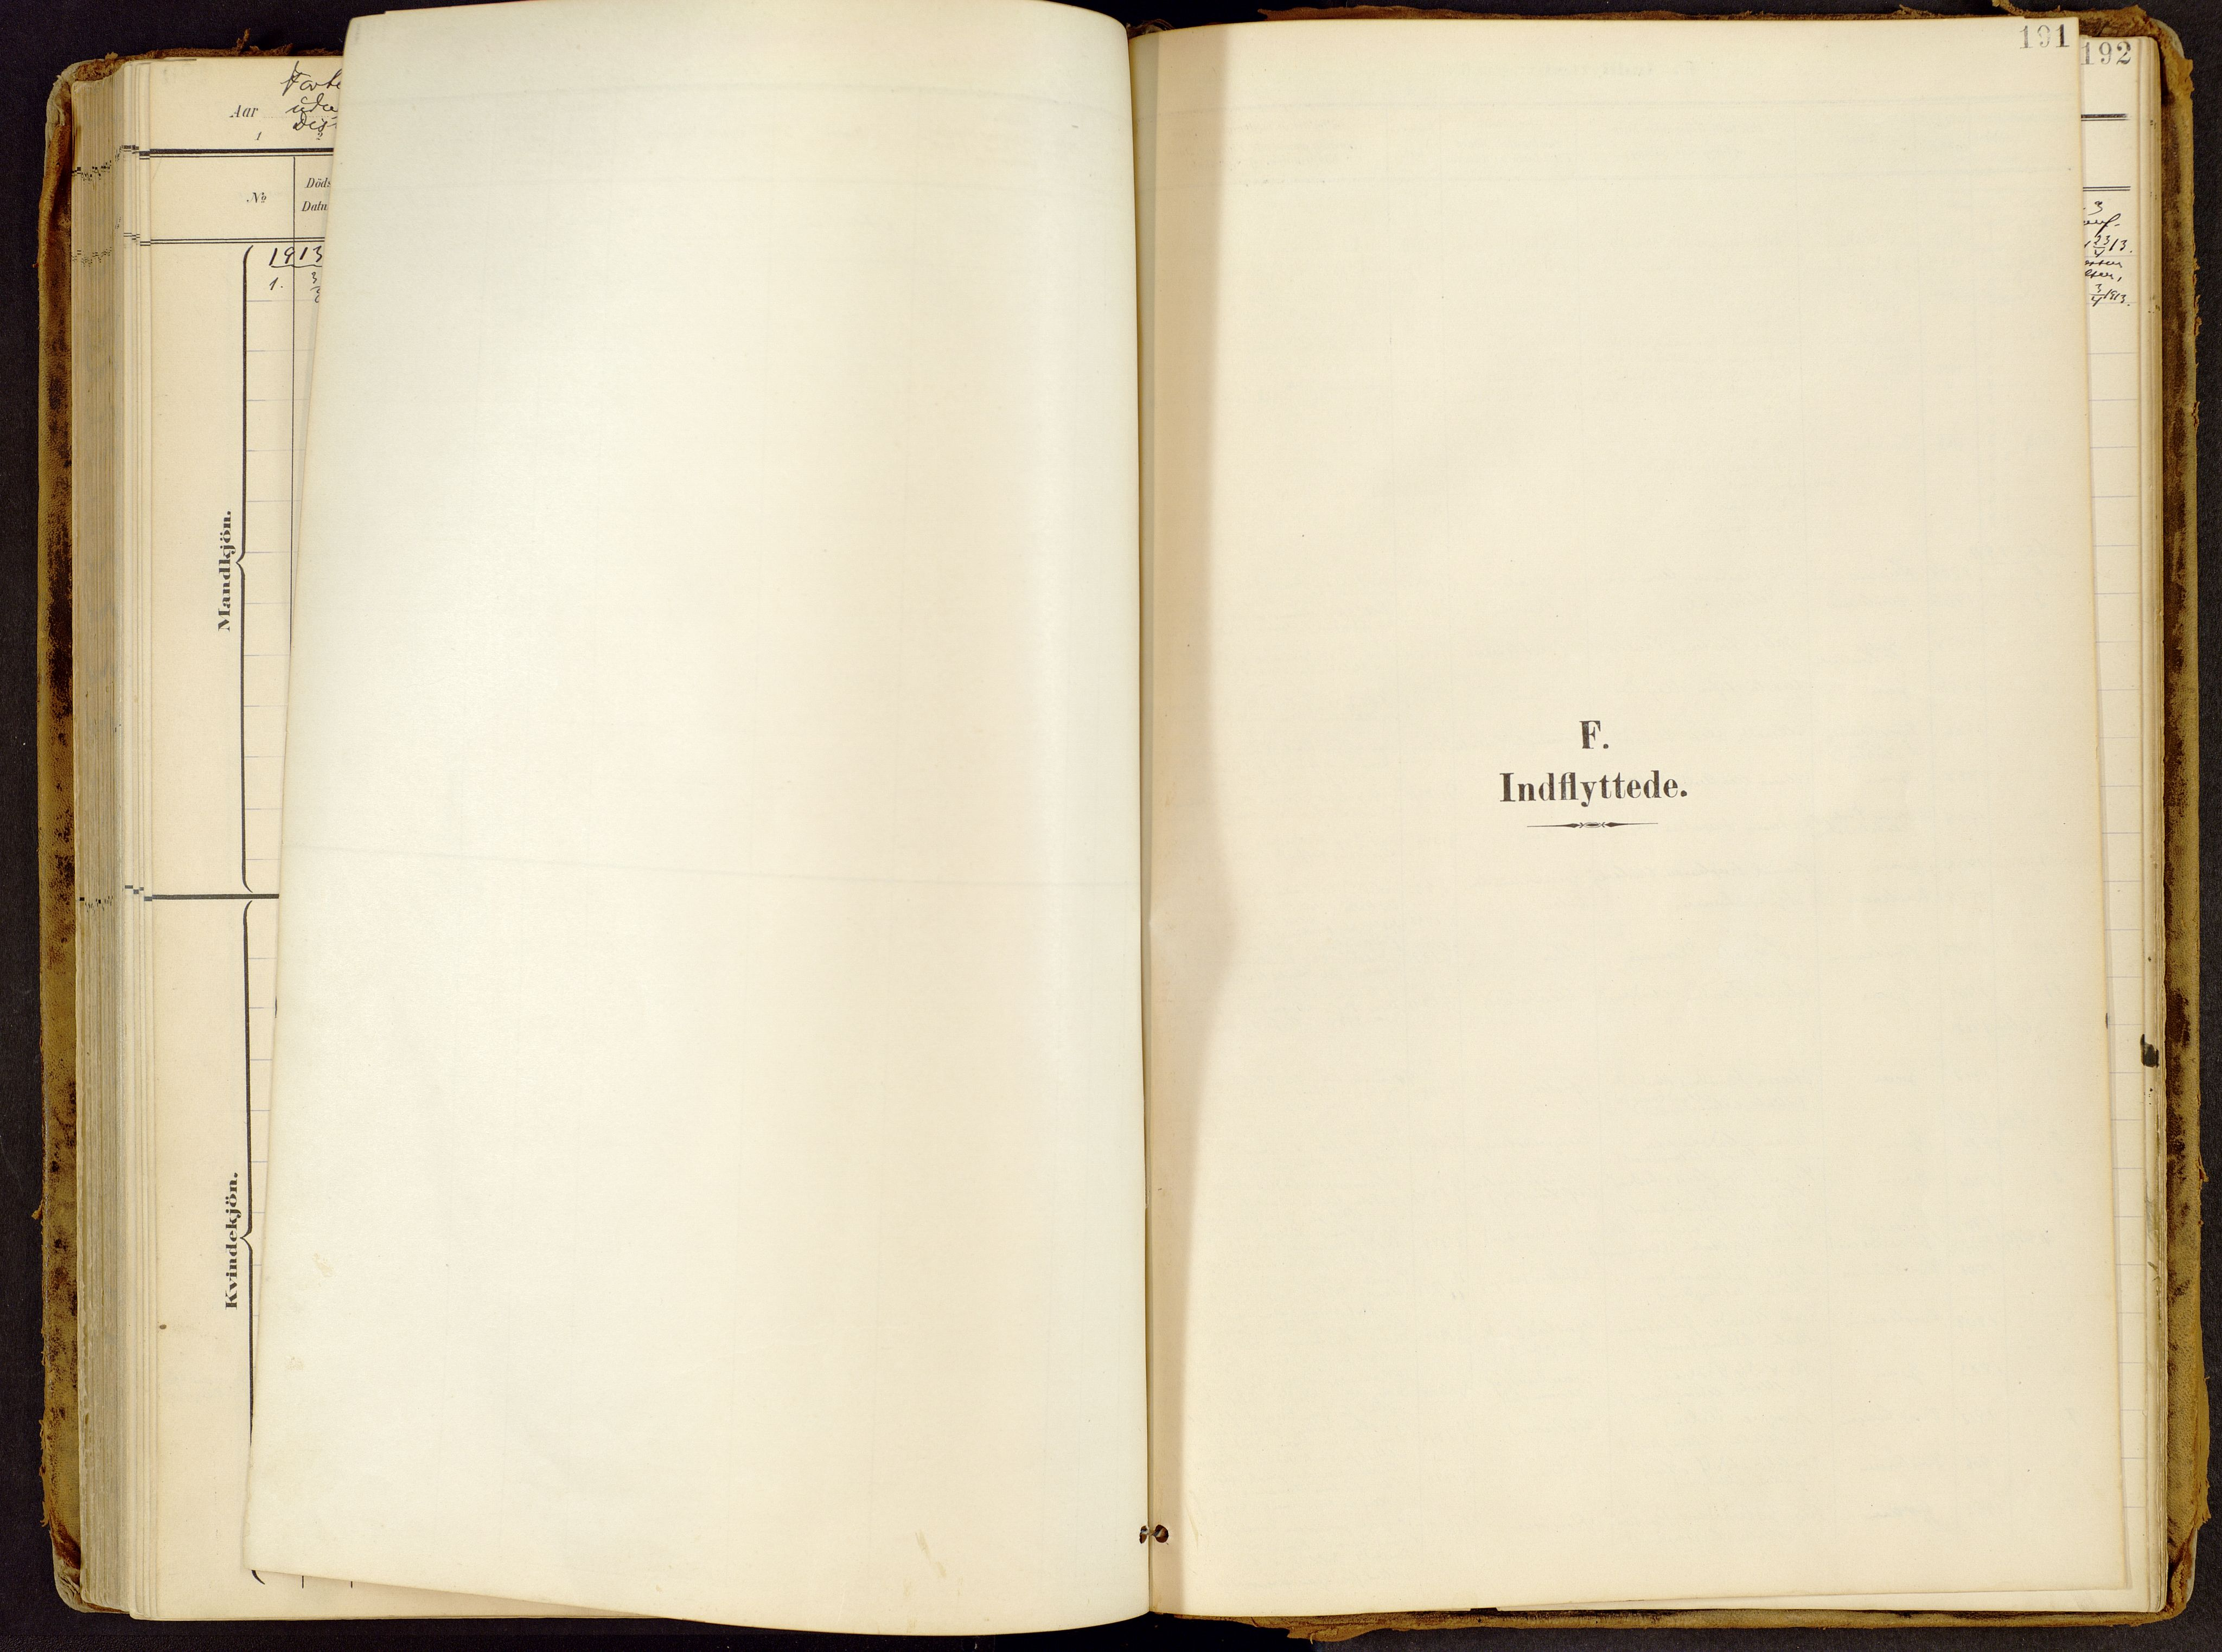 SAH, Brandbu prestekontor, Ministerialbok nr. 2, 1899-1914, s. 191